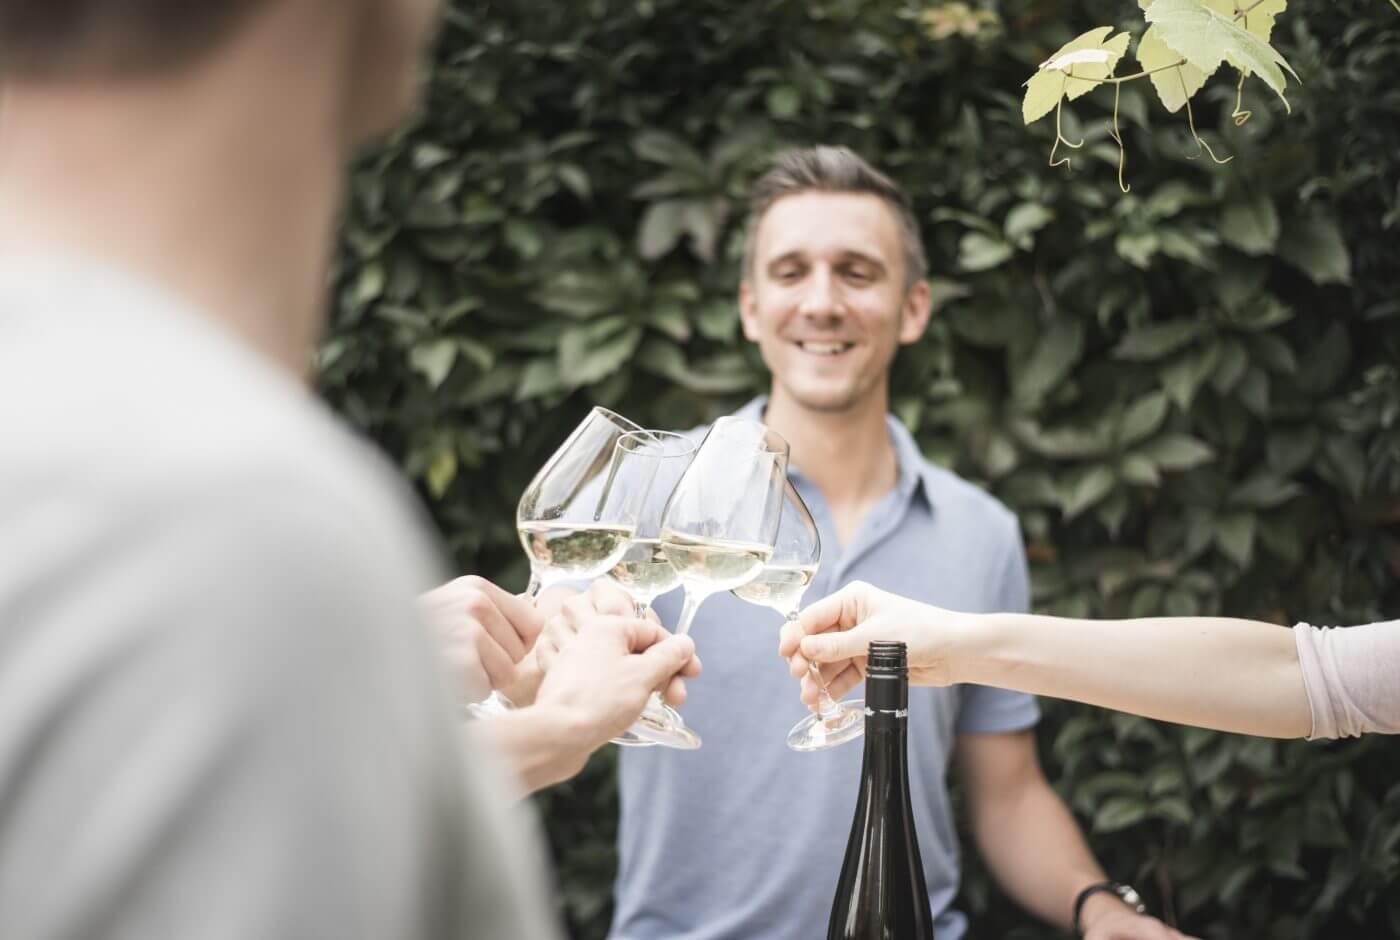 Betriebsausflug mit Weinverkostung in der Steiermark - Ballonhotel Thaller